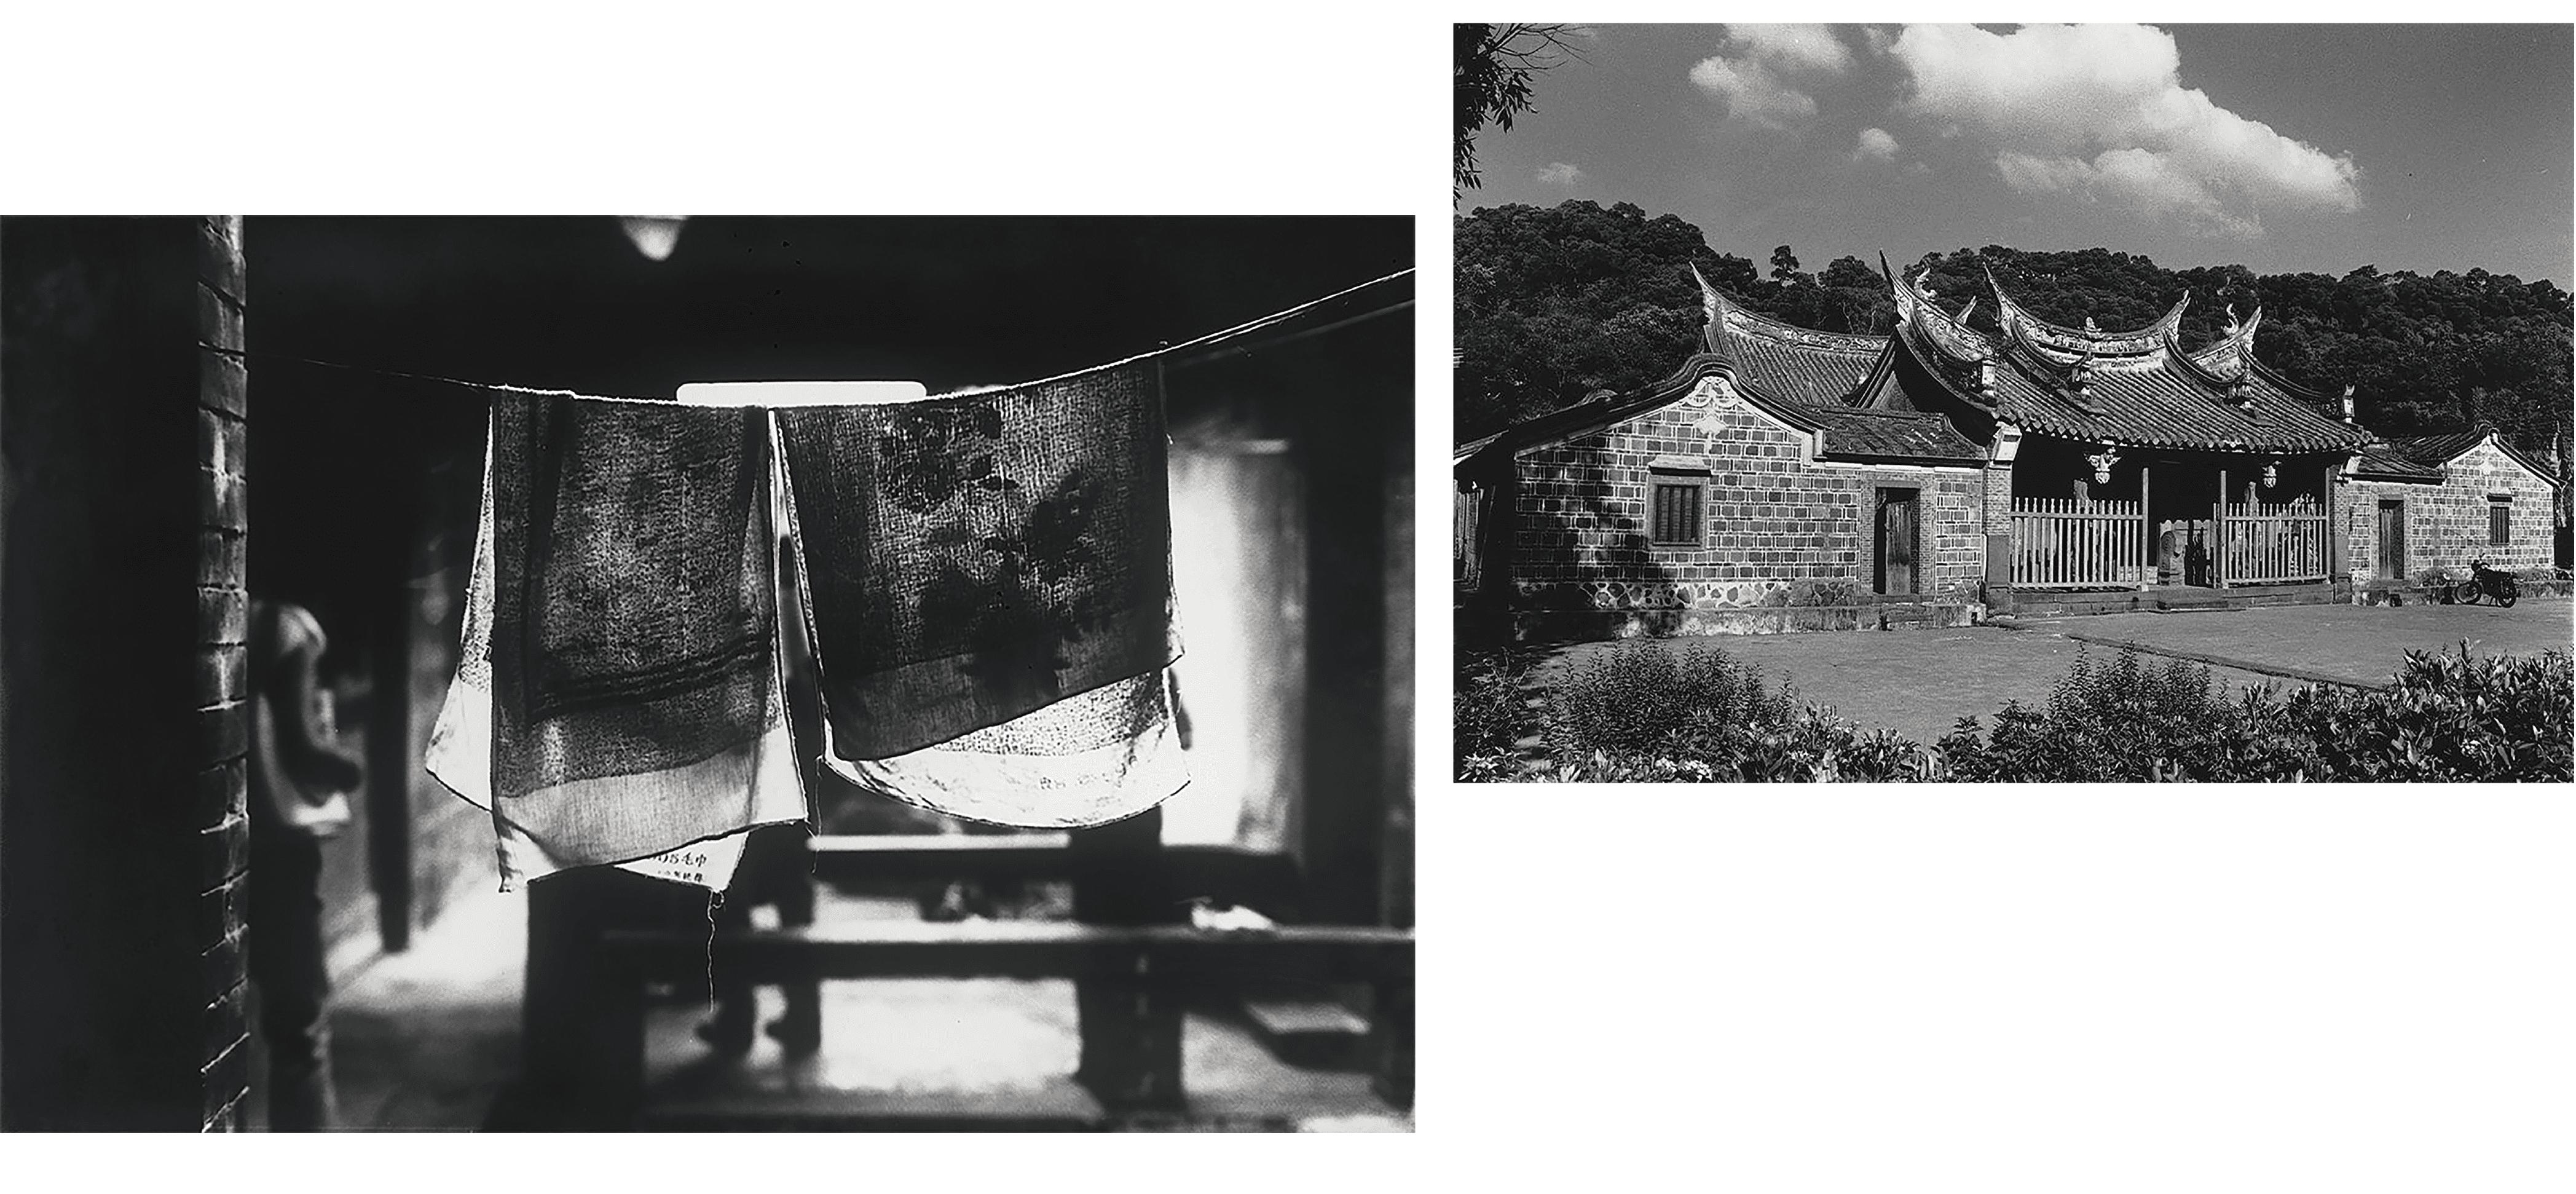 1981年(上)、1984年(下)之新北市市定古蹟-淡水鄞山寺